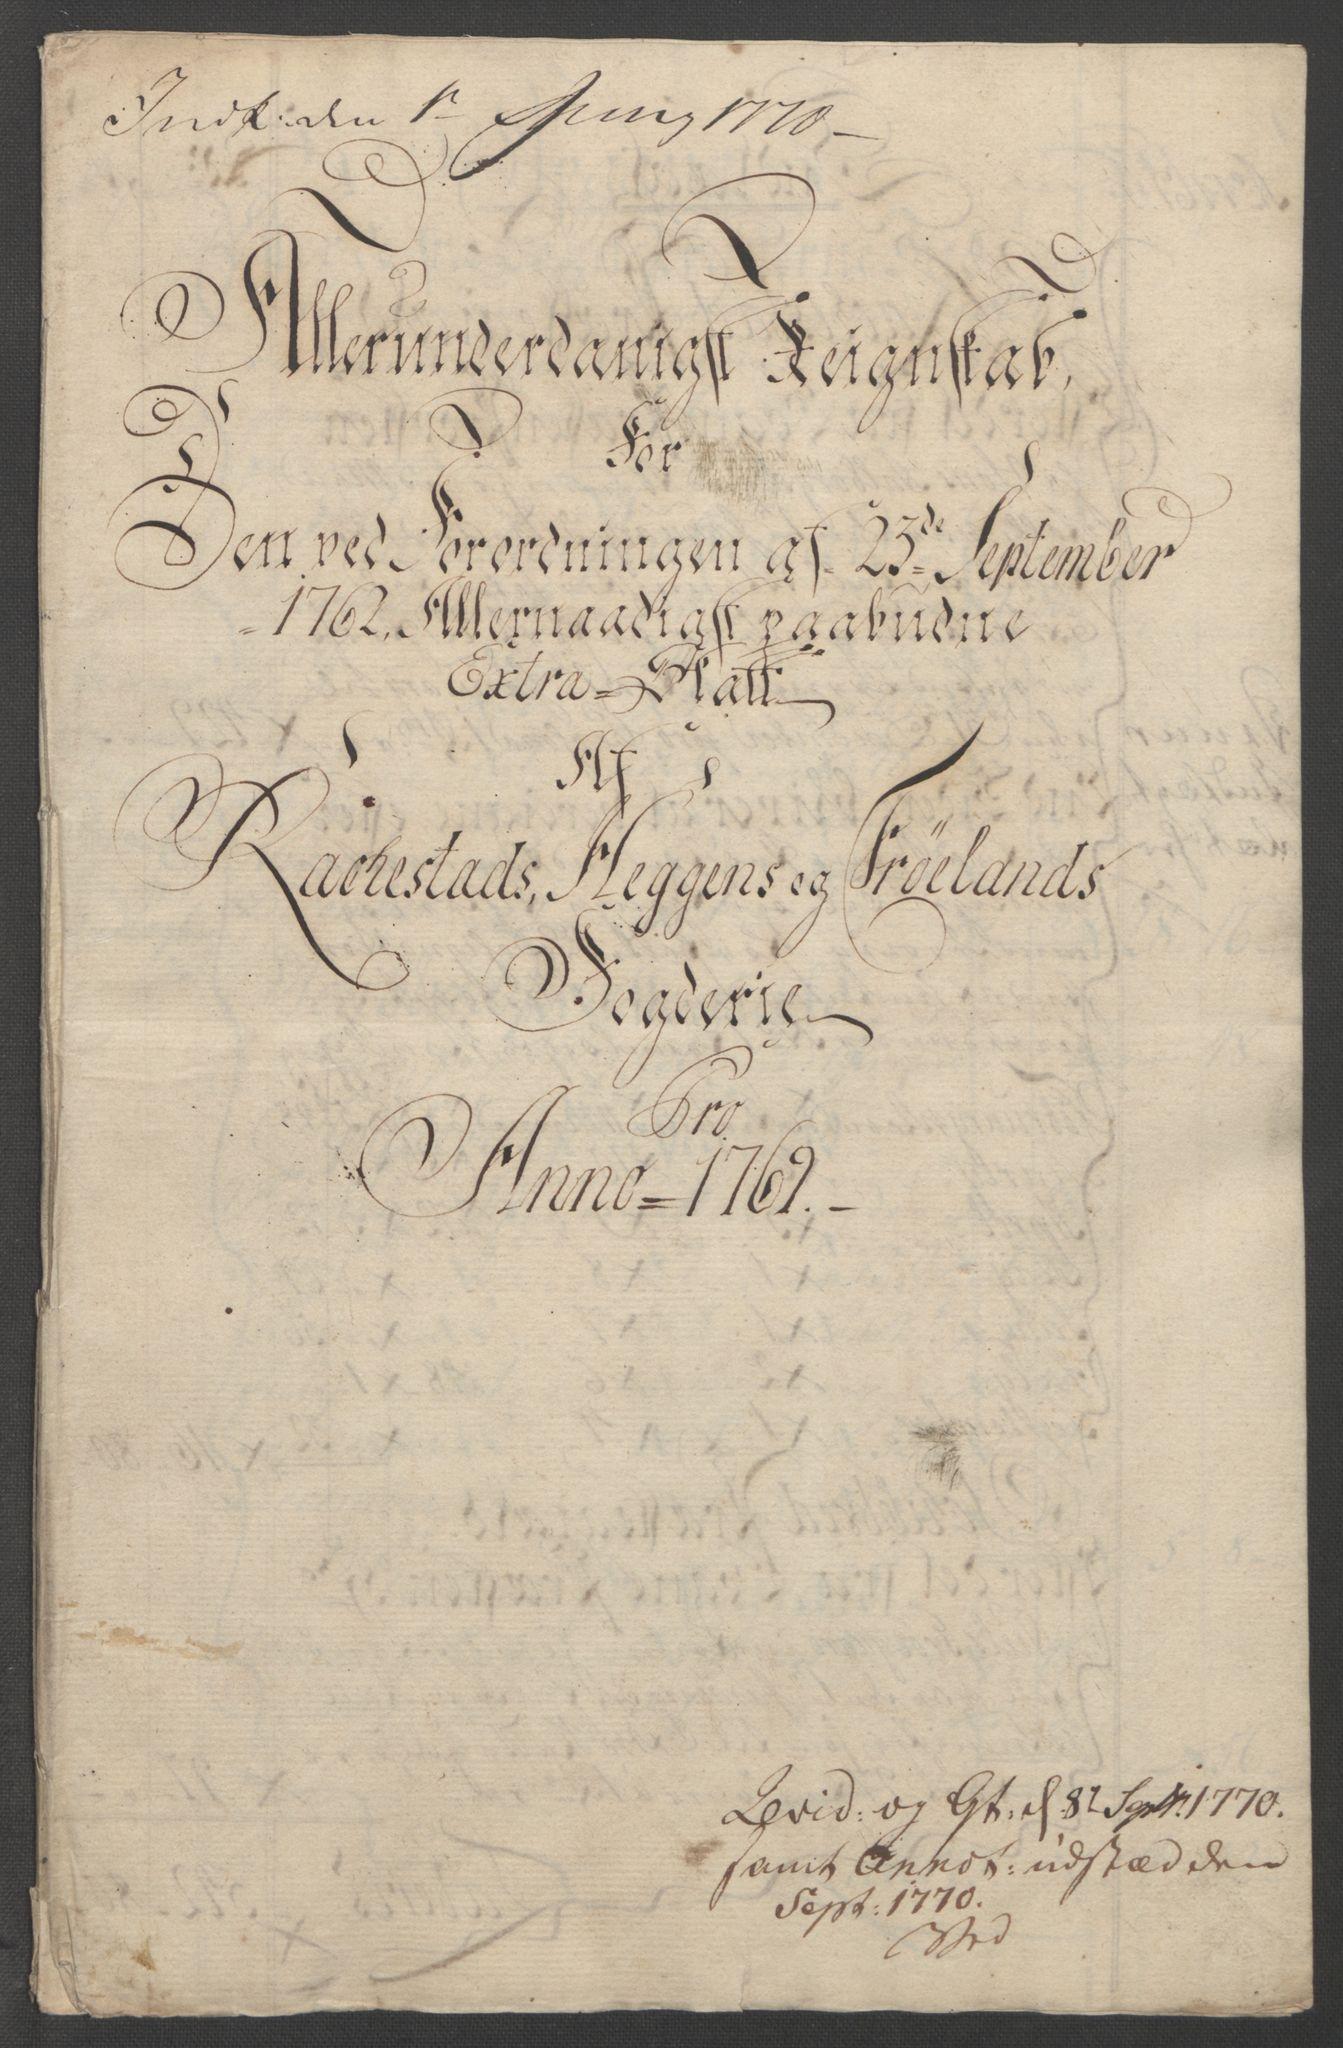 RA, Rentekammeret inntil 1814, Reviderte regnskaper, Fogderegnskap, R07/L0413: Ekstraskatten Rakkestad, Heggen og Frøland, 1762-1772, s. 404